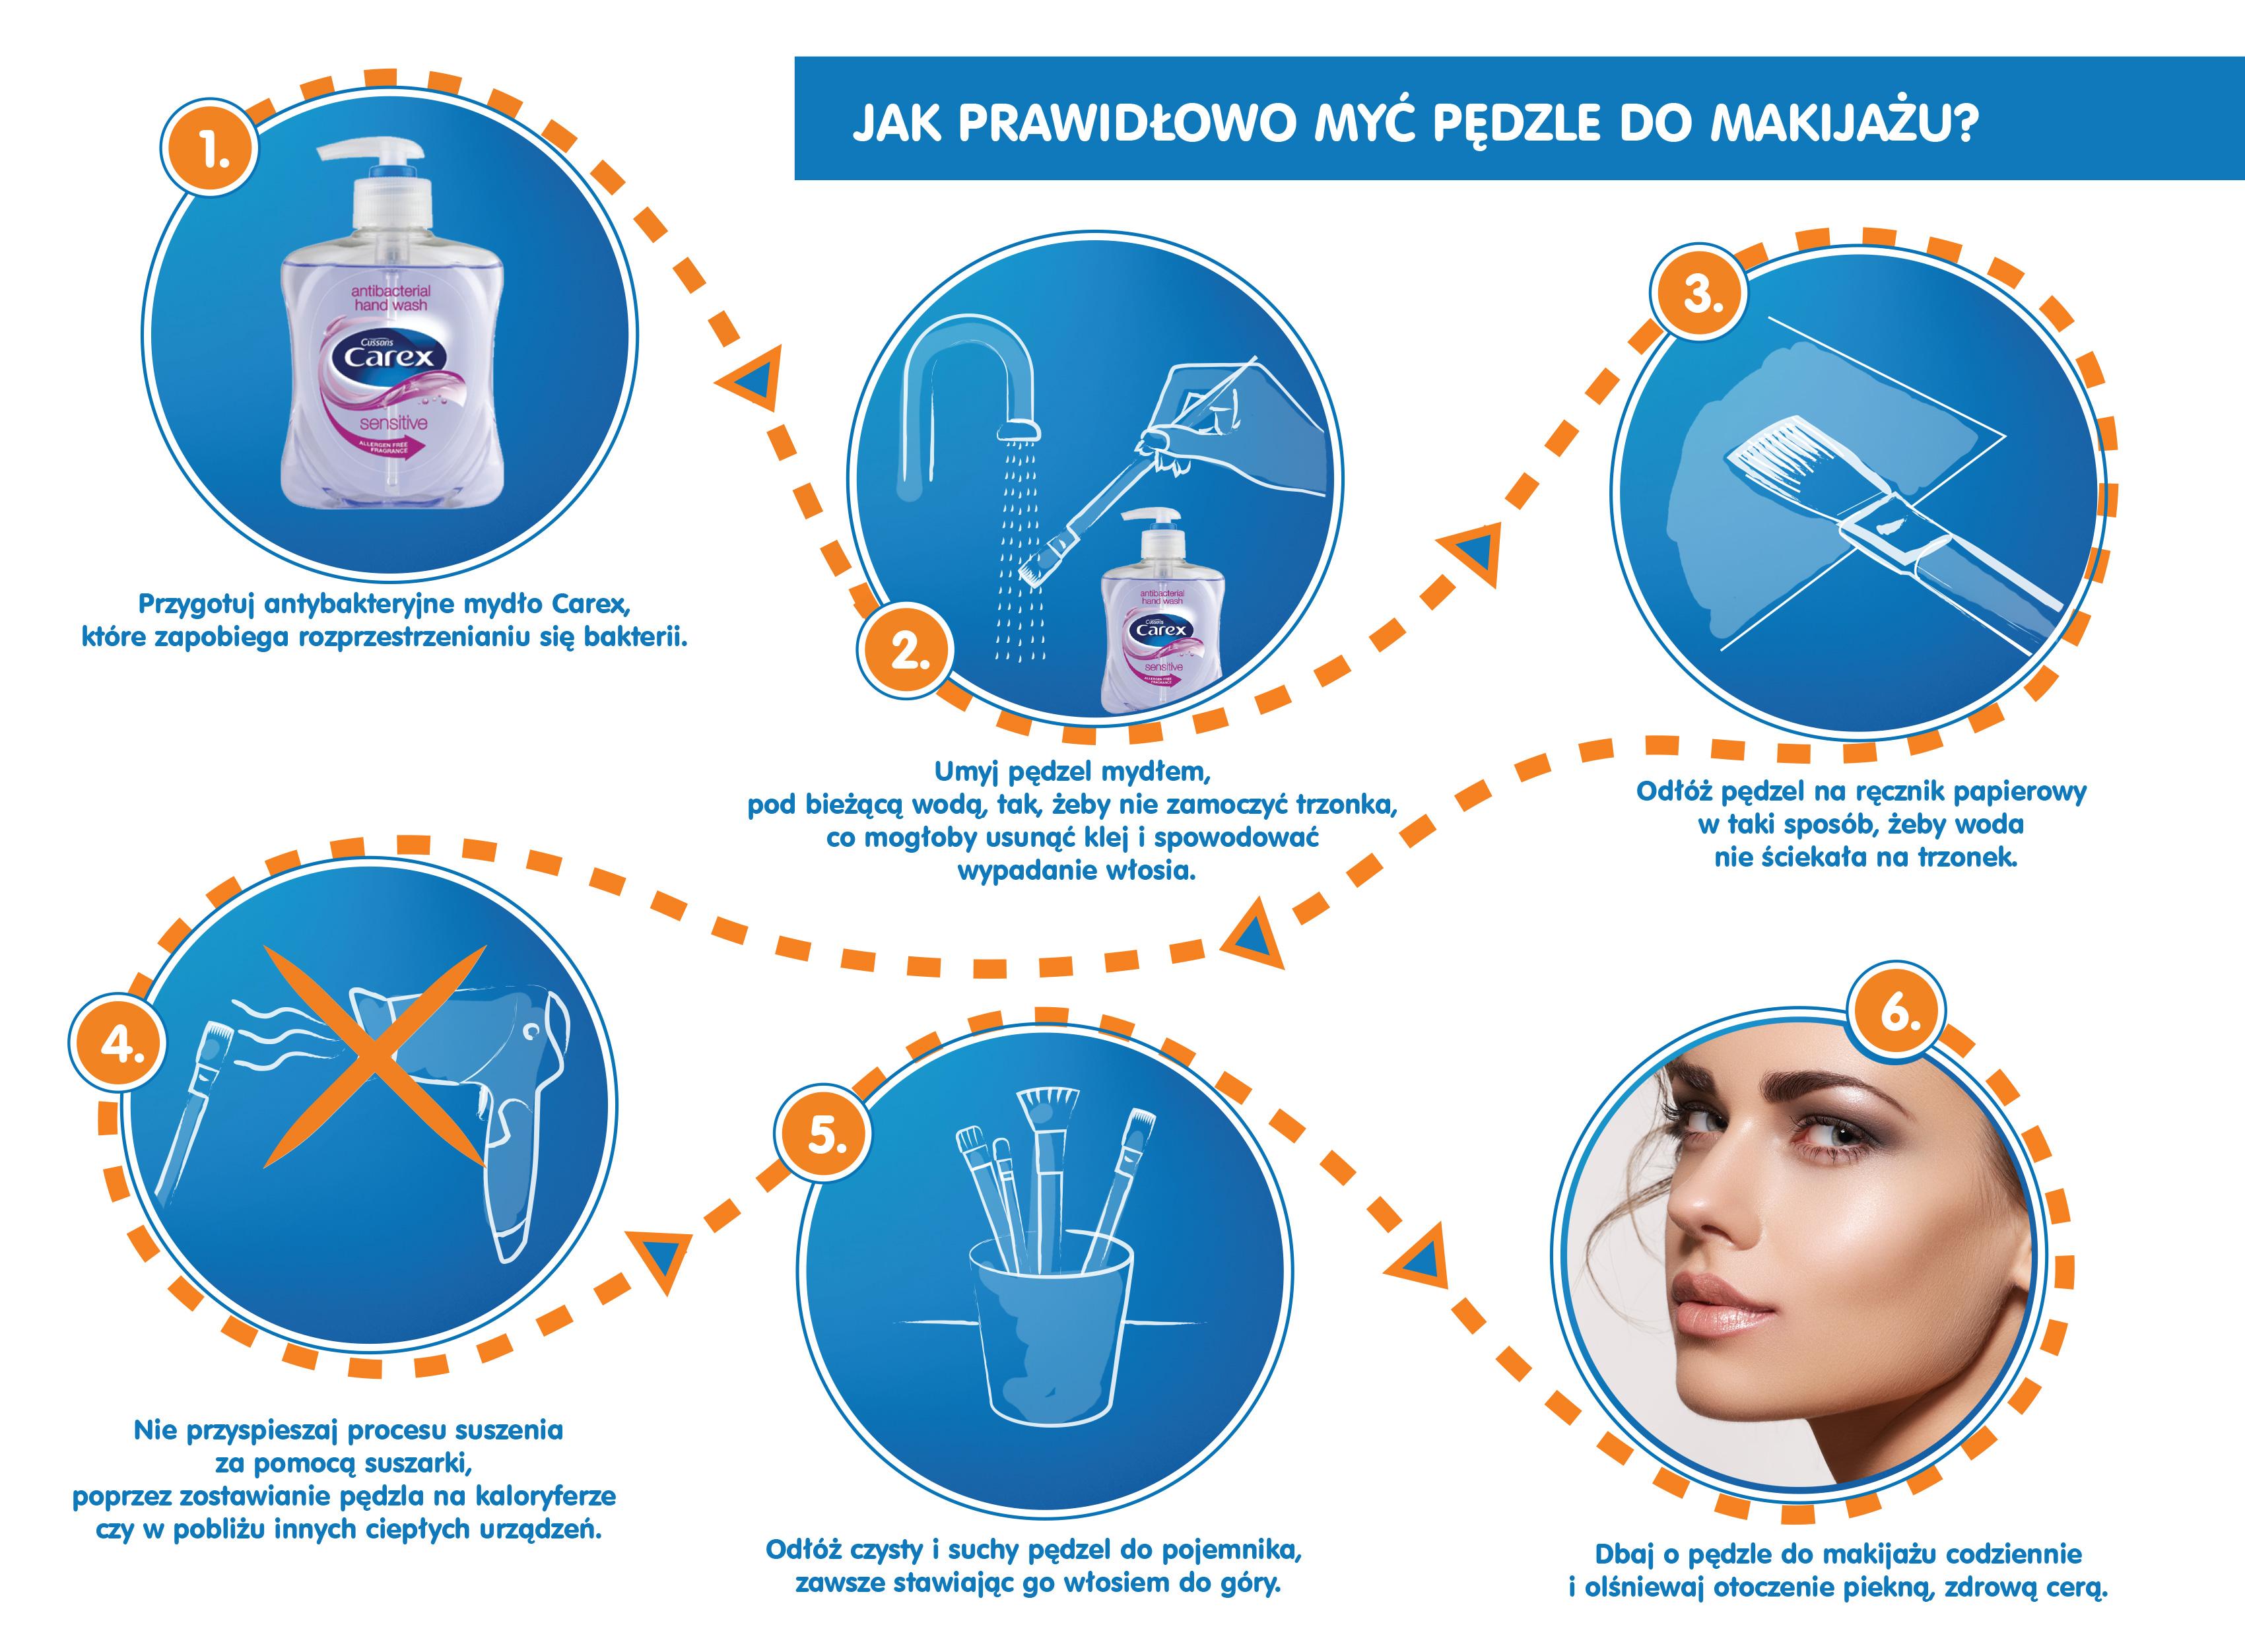 Moda i Uroda 0 Kosmetyczny niezbędnik, czyli jak prawidłowo dbać o akcesoria do makijażu?